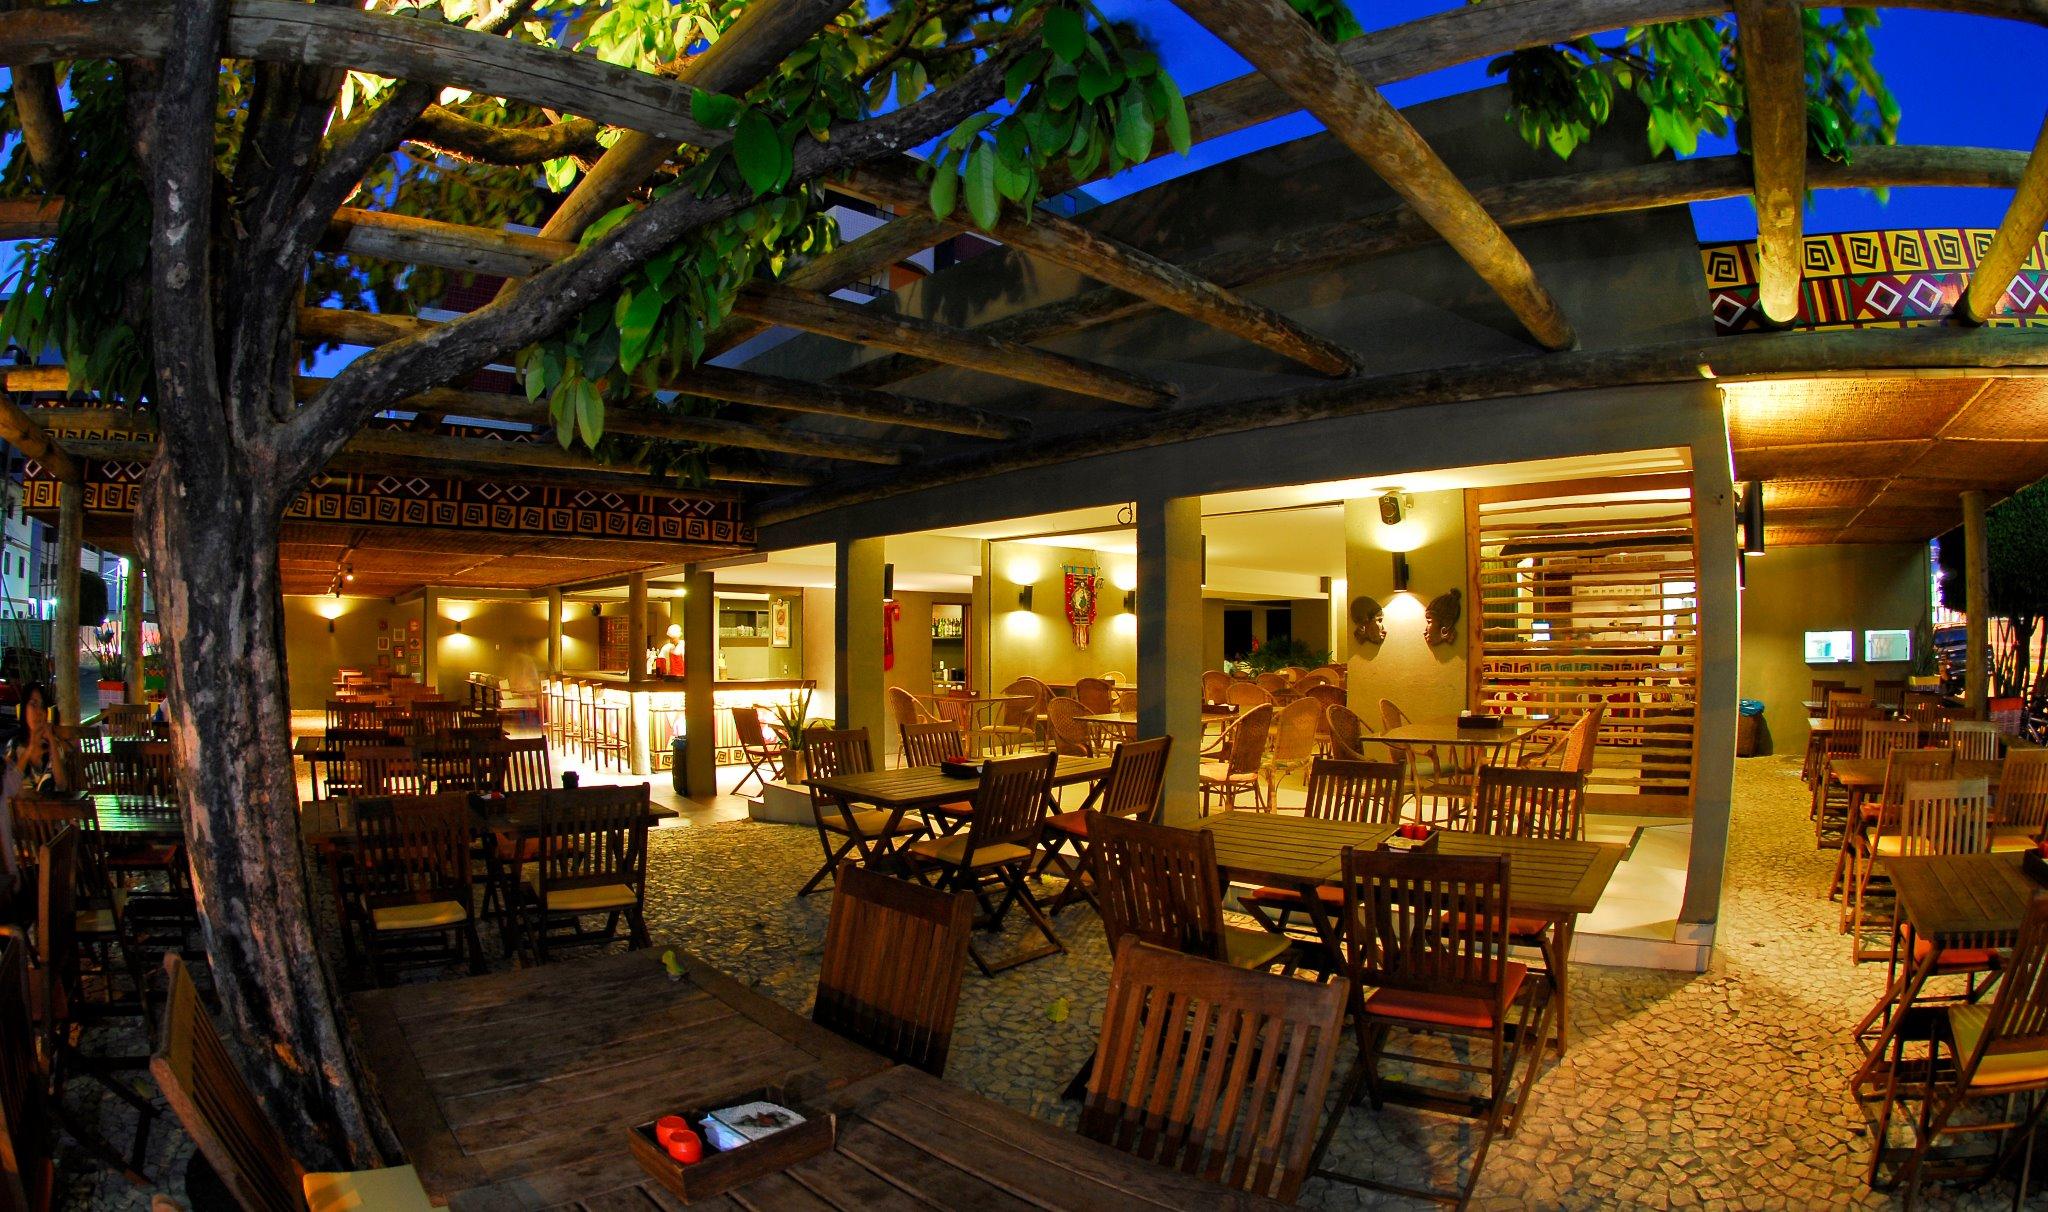 Área interna do Restaurante Akuaba em Maceió Alagoas